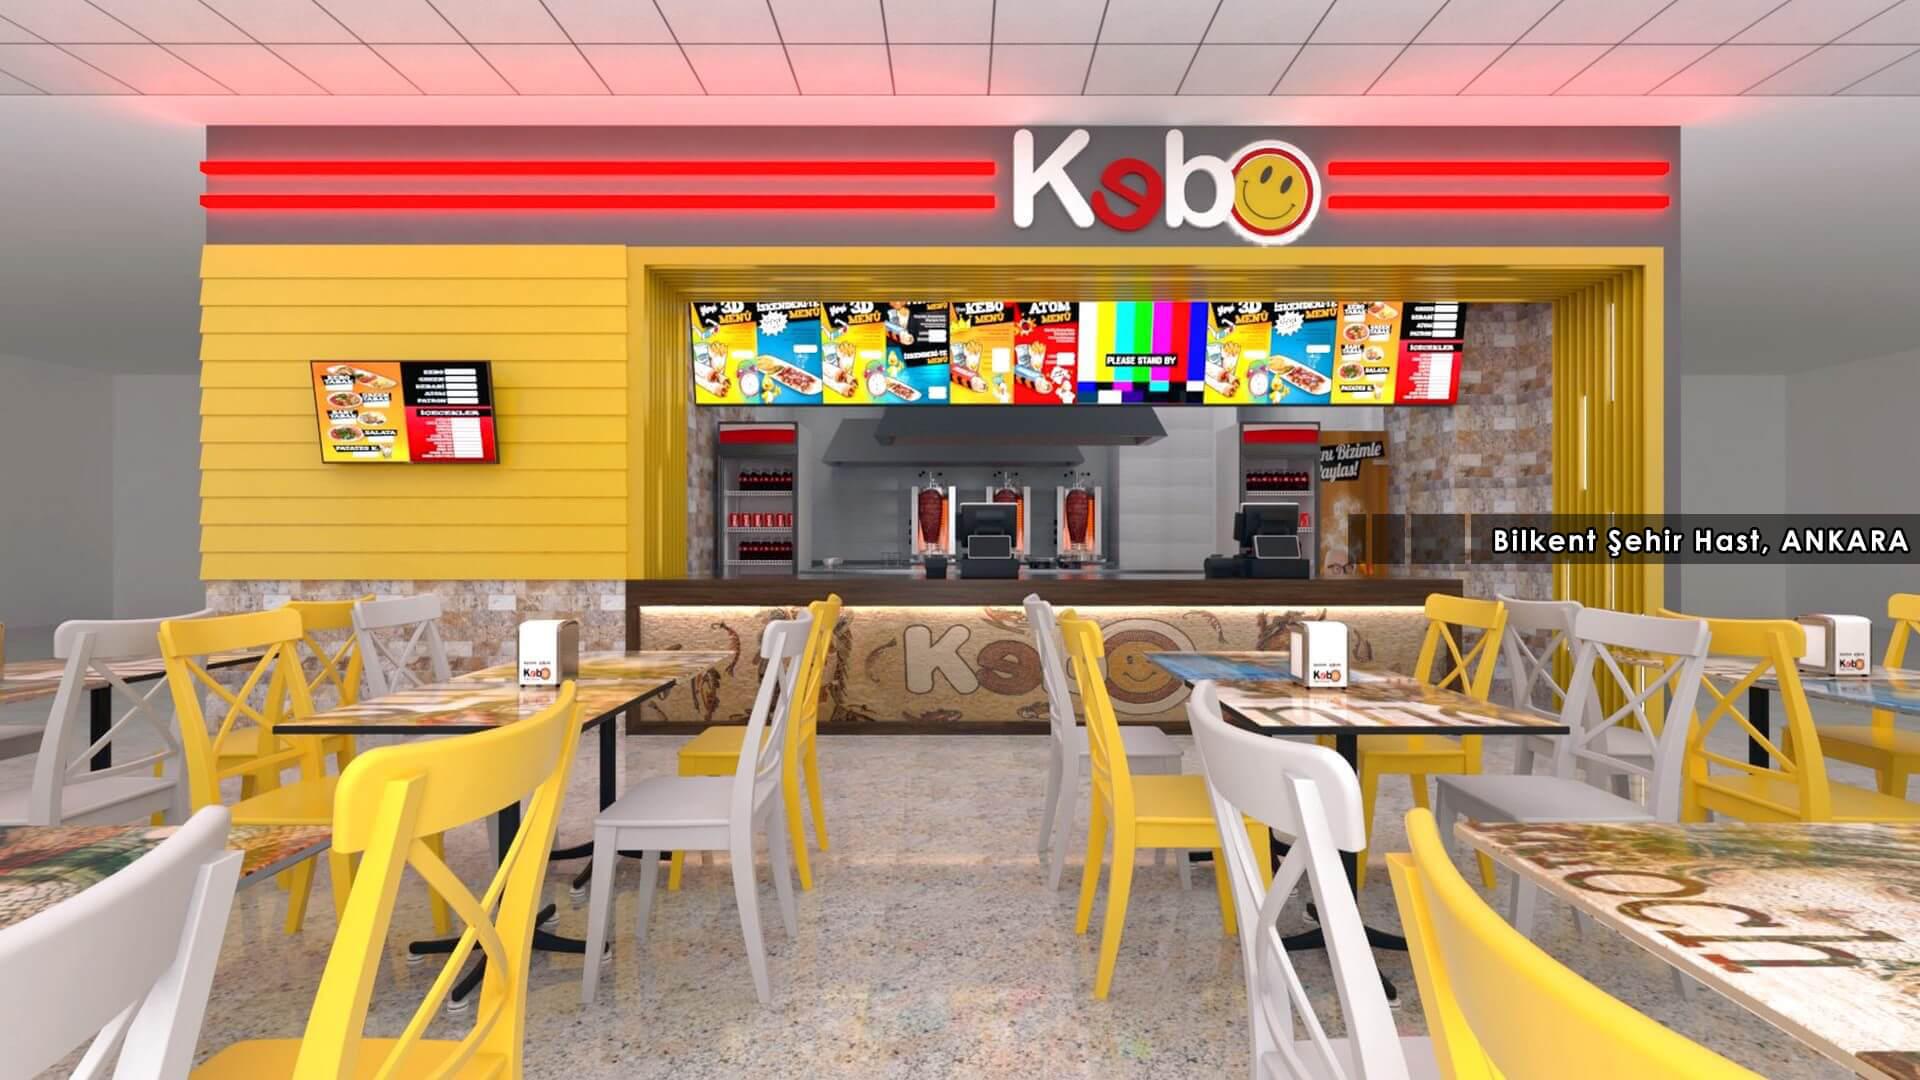 Kebo 2018, Restaurants